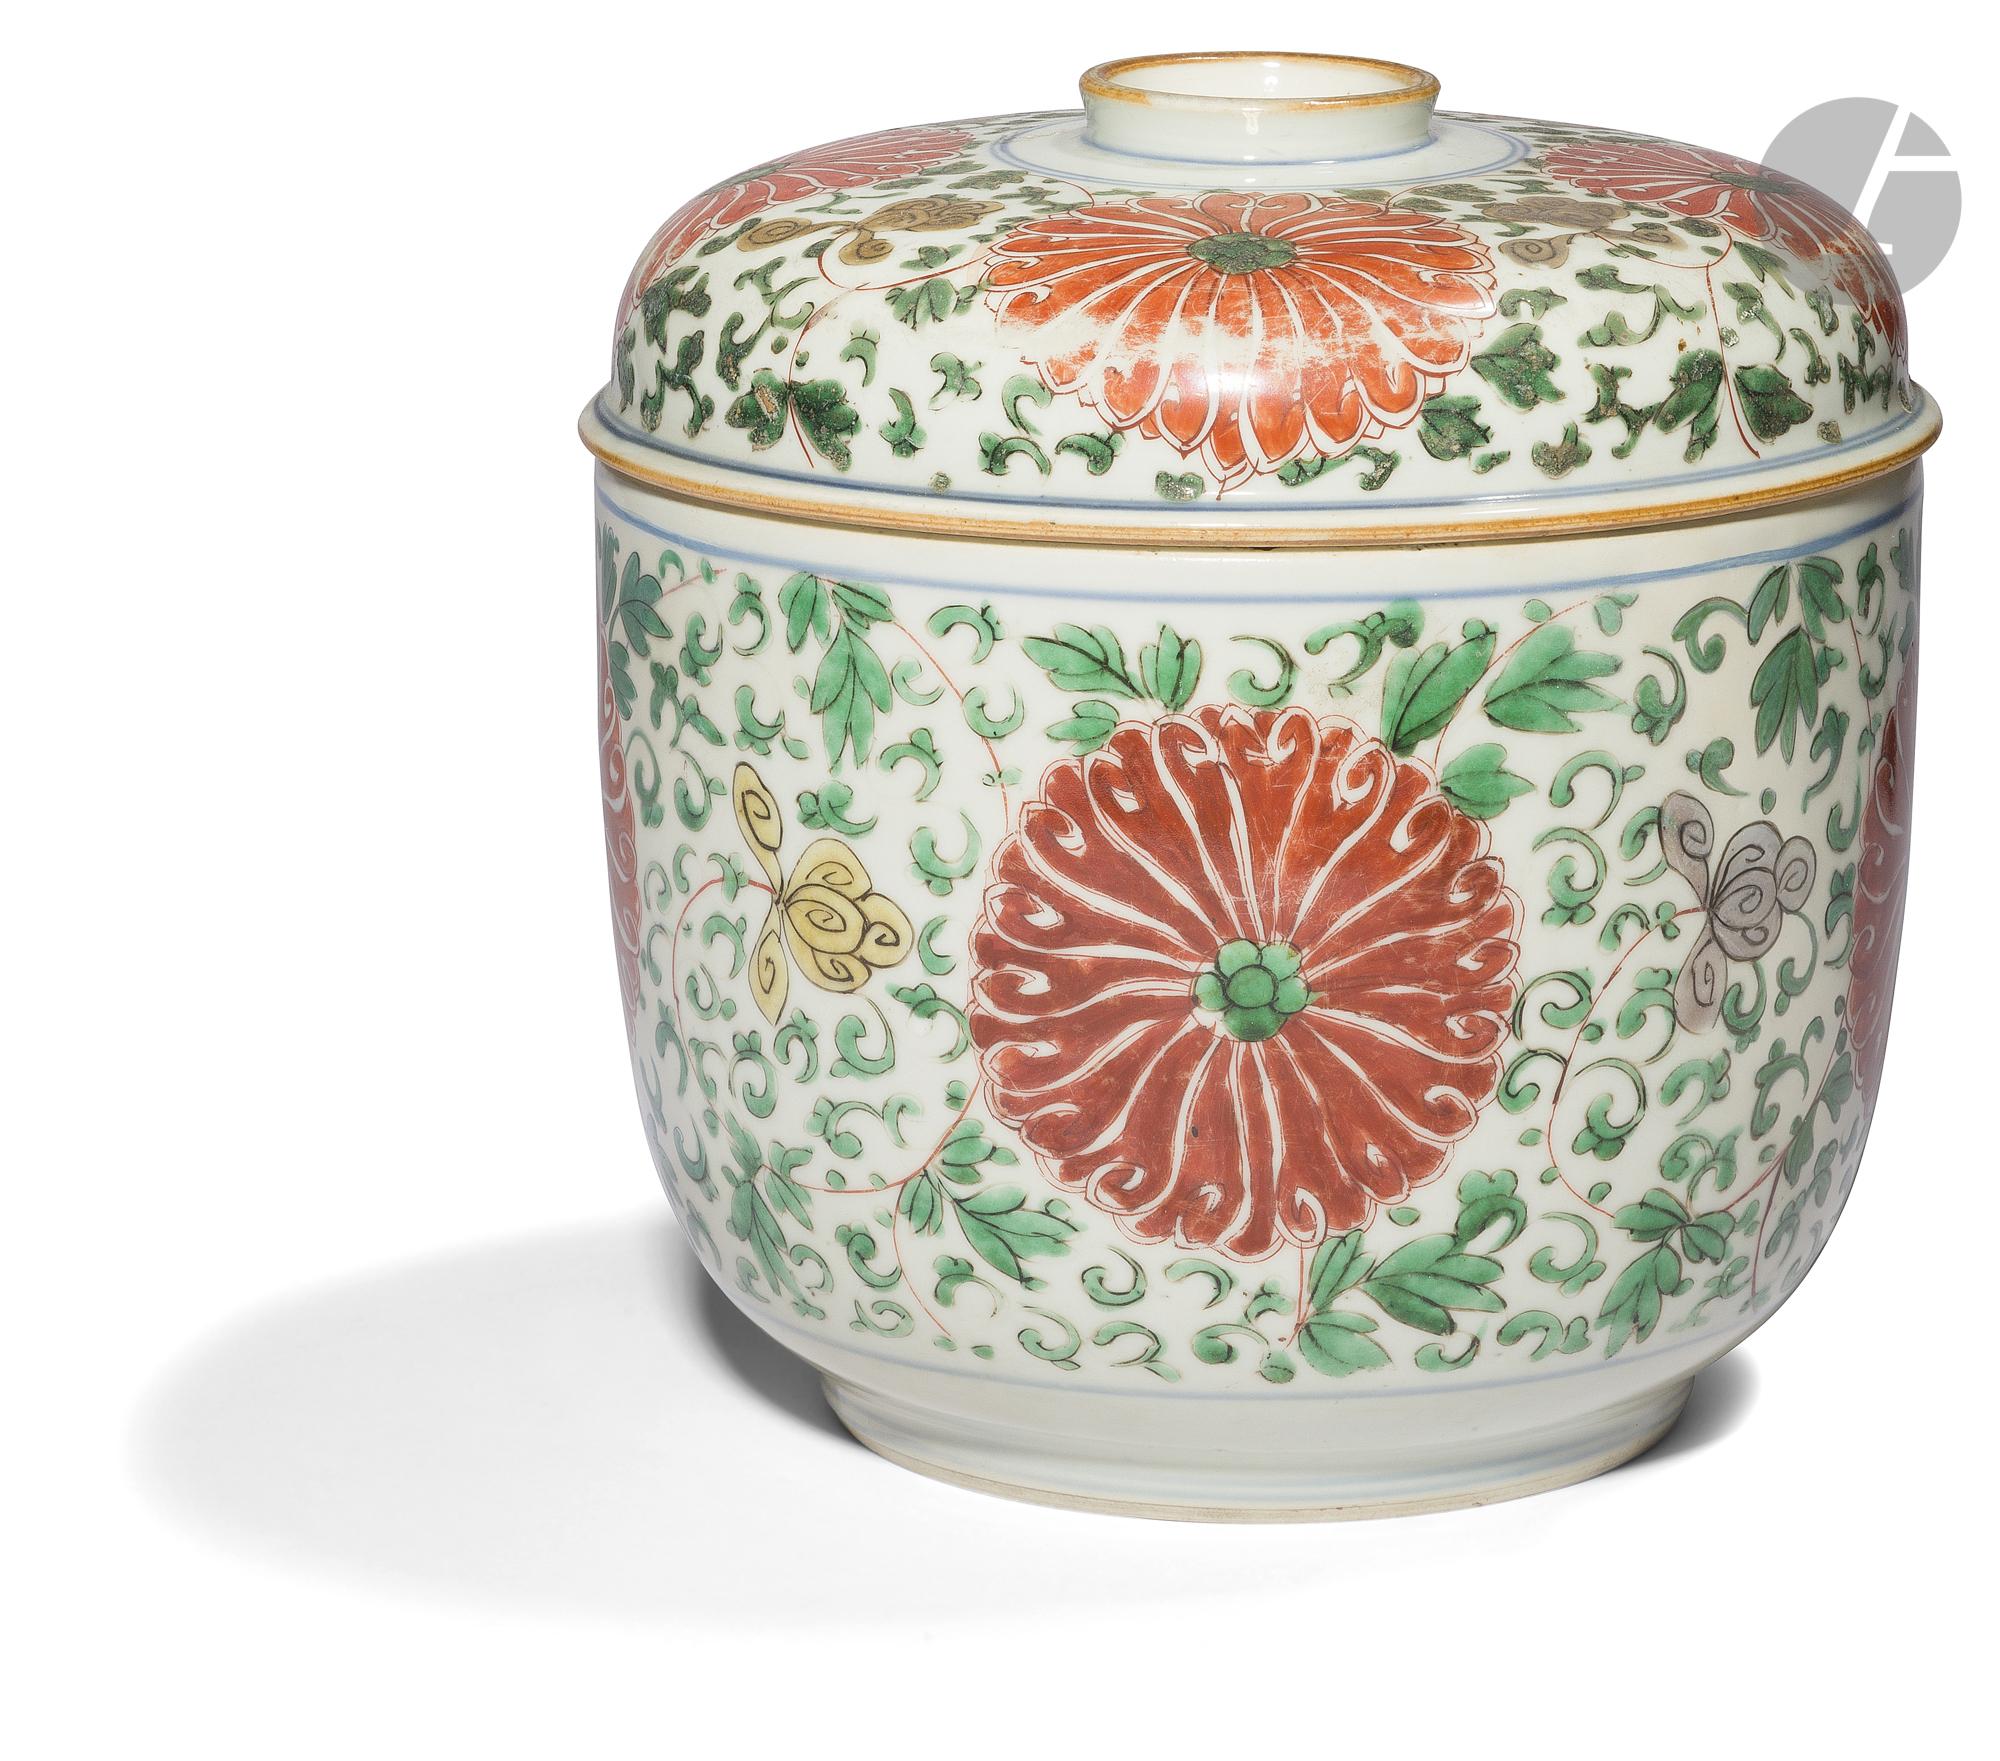 CHINE - XVIIIe siècle Pot couvert en porcelaine émaillée jaune, vert, aubergine et rouge de fer à